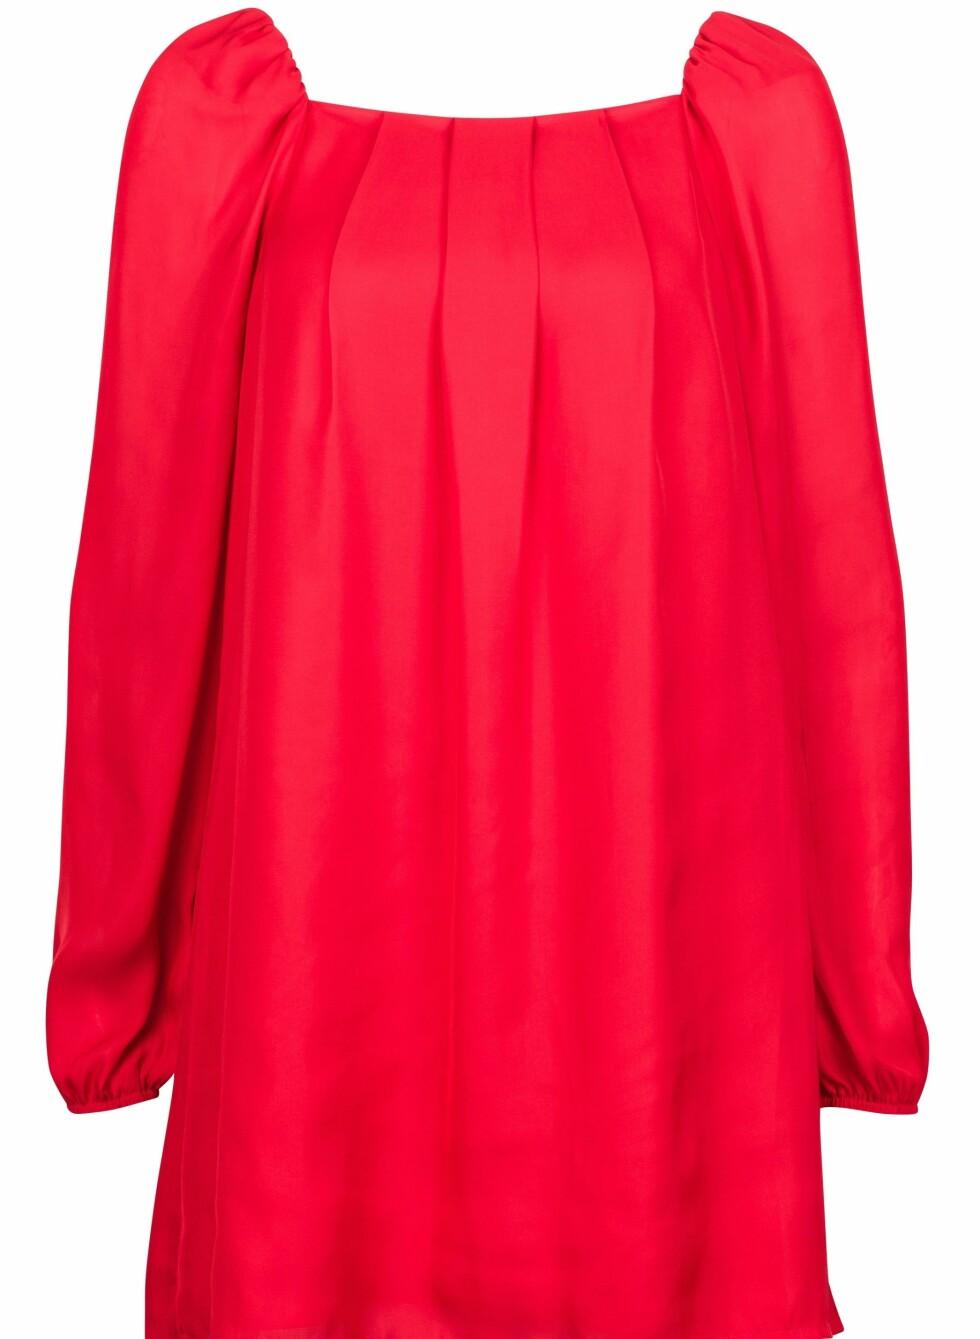 299 KRONER: Samme kjole i knallrødt.  Foto: Produsenten